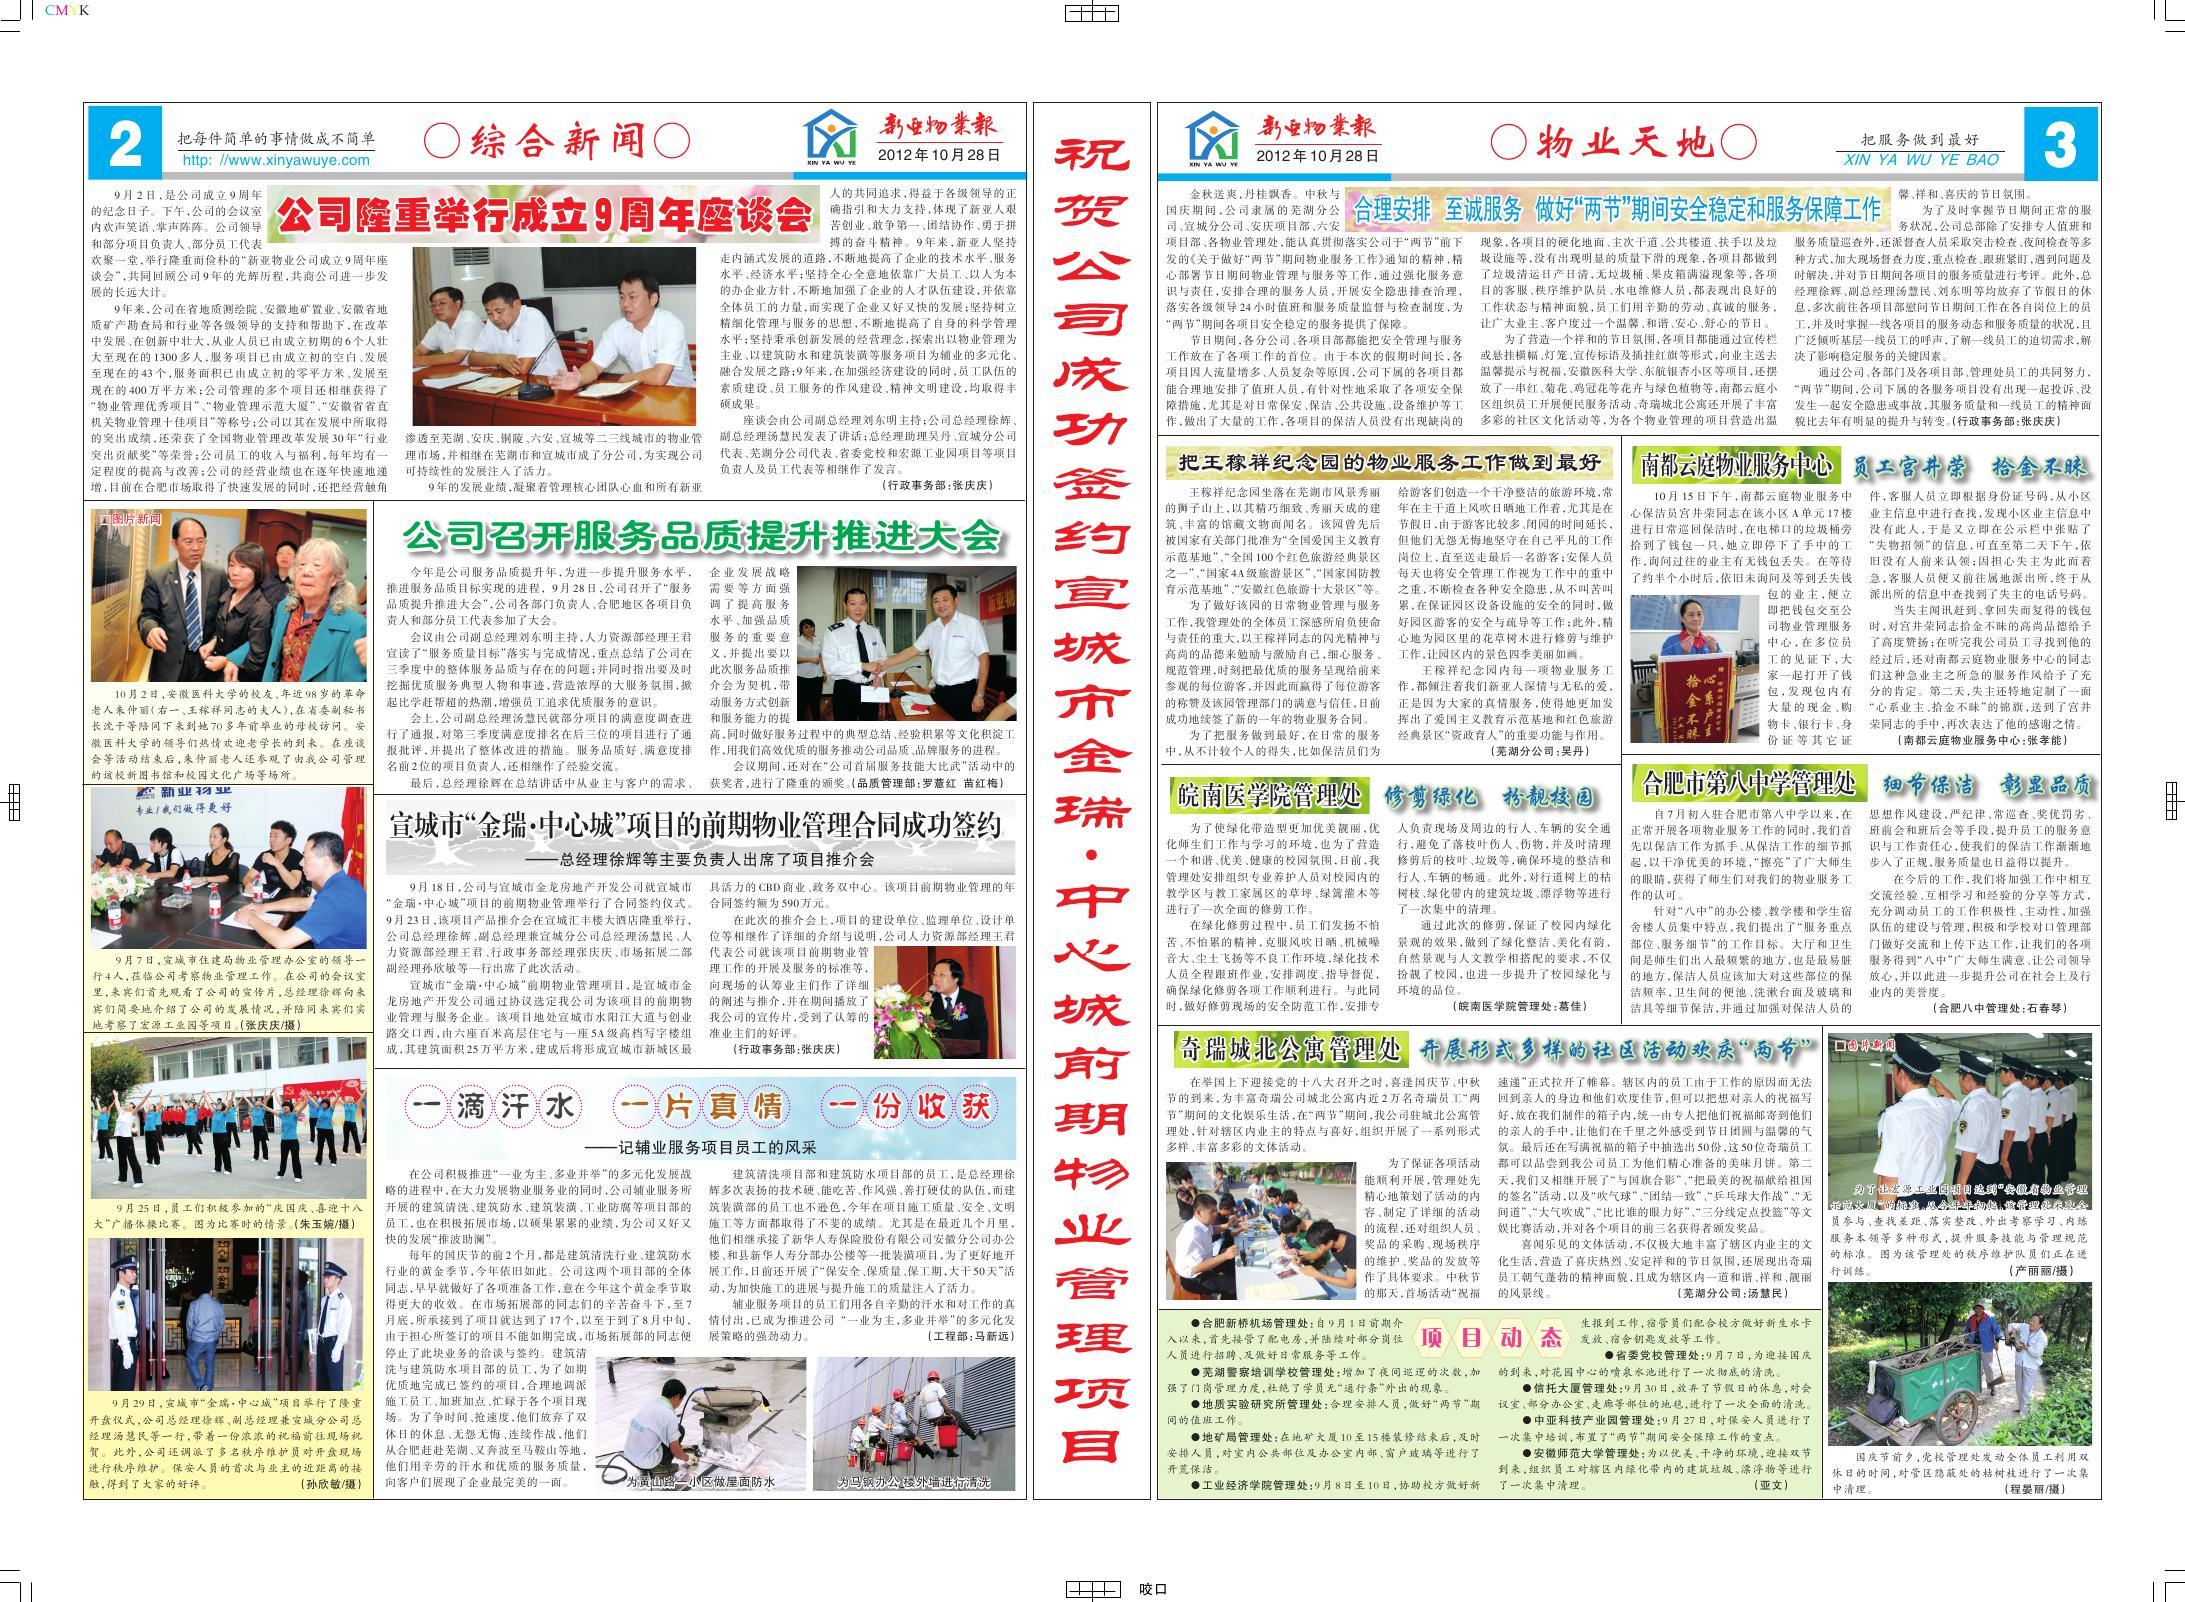 新亚亚博体育在线下载报第34期(2、3版)